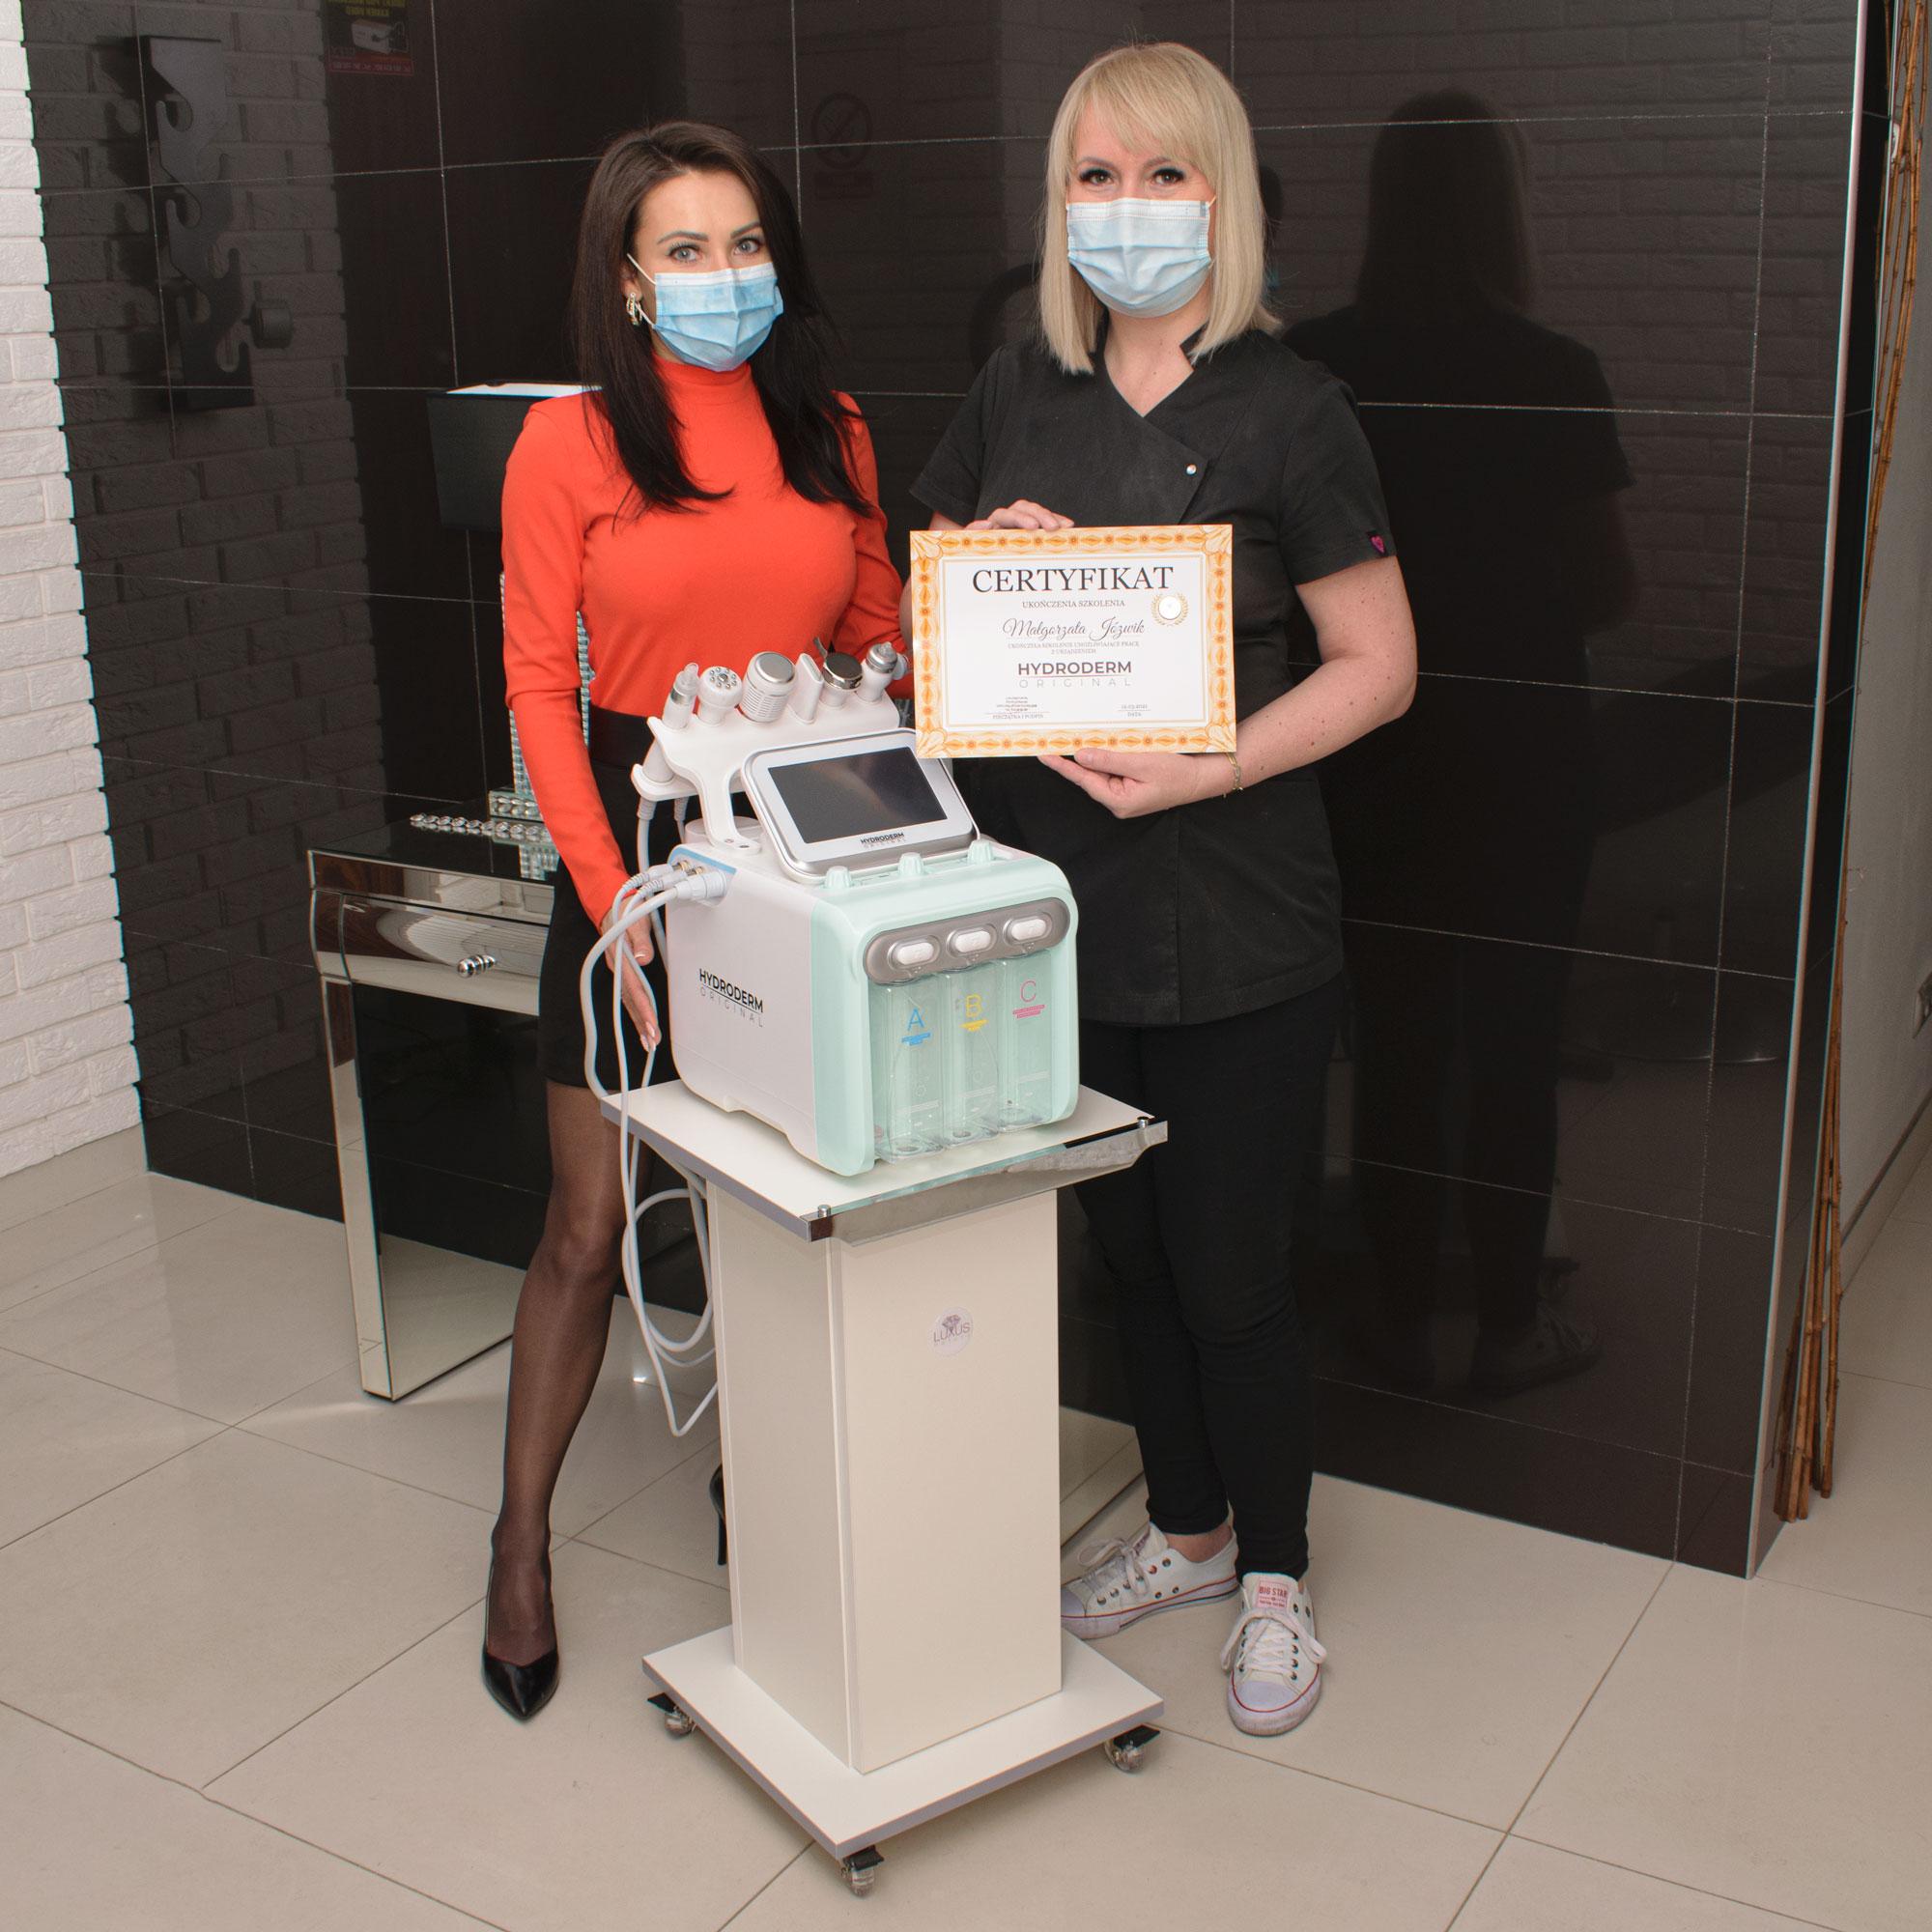 Kolejny sukces w mieście Łuków, w szkoleniu ze sprzętu kosmetologicznego - Hydroderm 9w1 Original